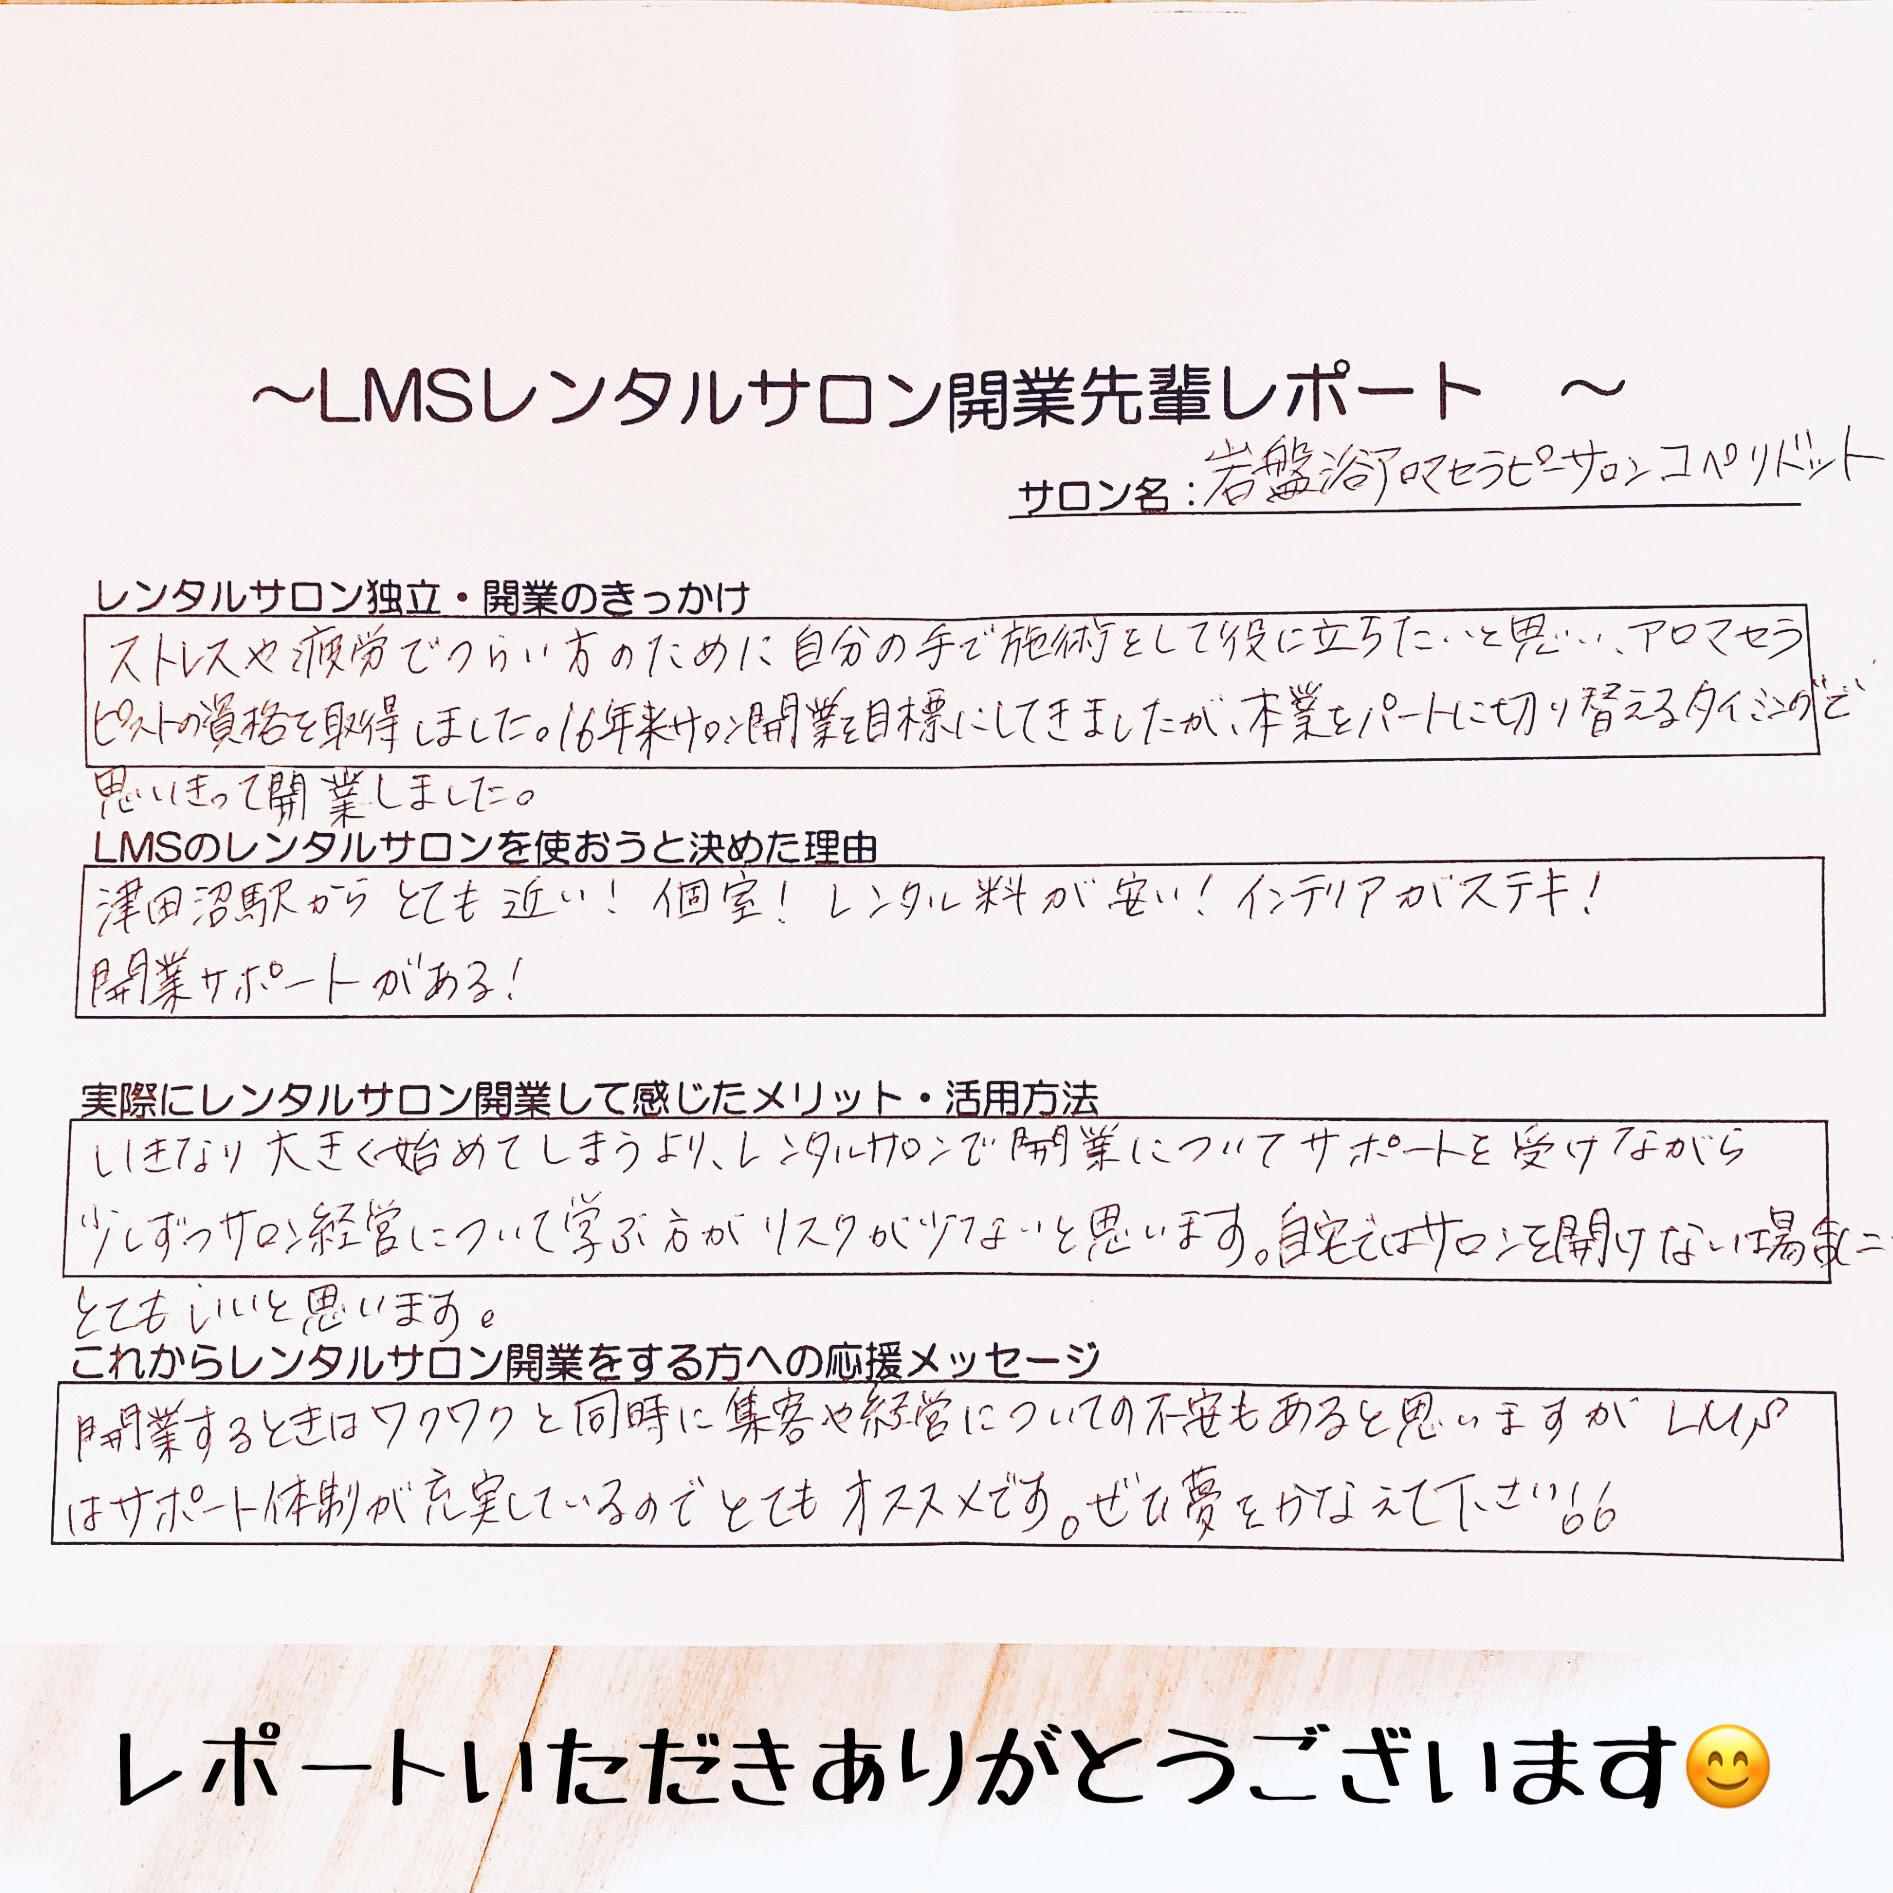 千葉津田沼駅近エステサロン開業マンション個室